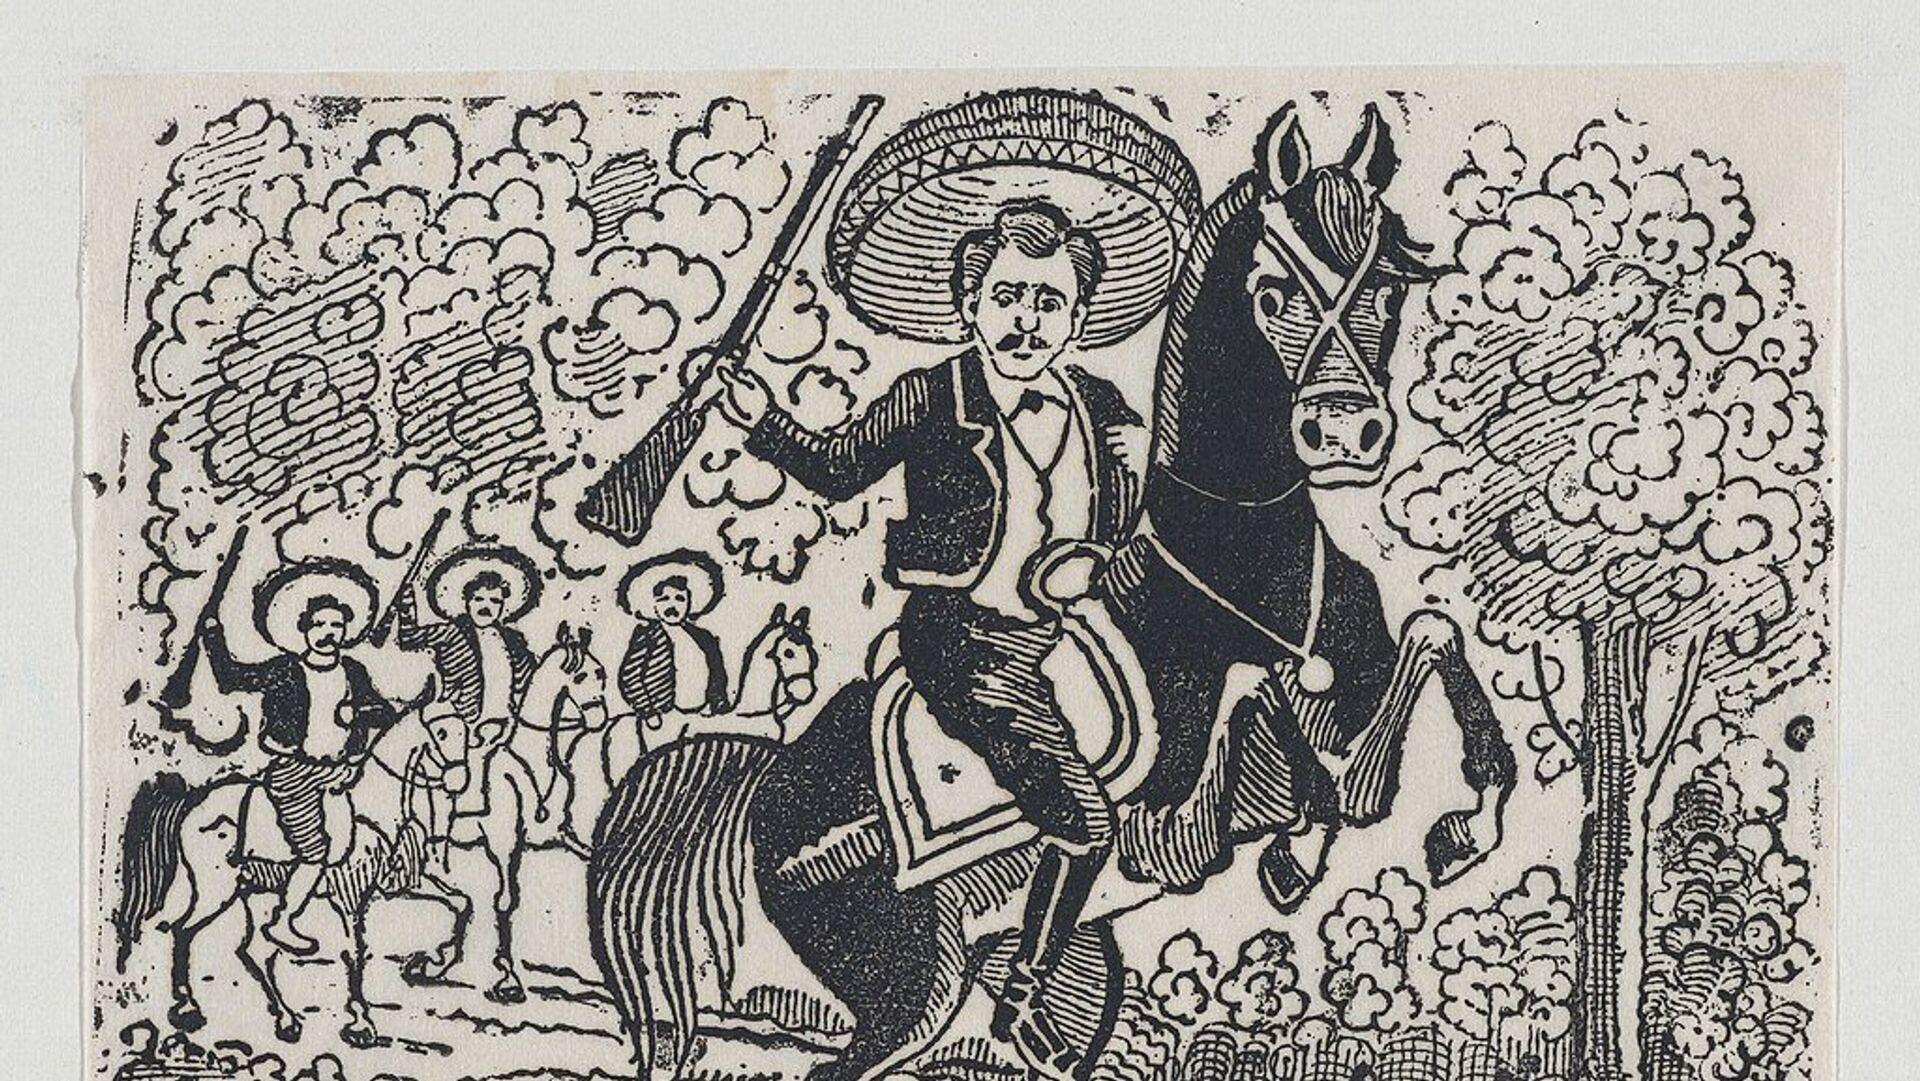 Emiliano Zapata a caballo, representación de una escena de la Revolución Mexicana - Sputnik Mundo, 1920, 10.04.2019